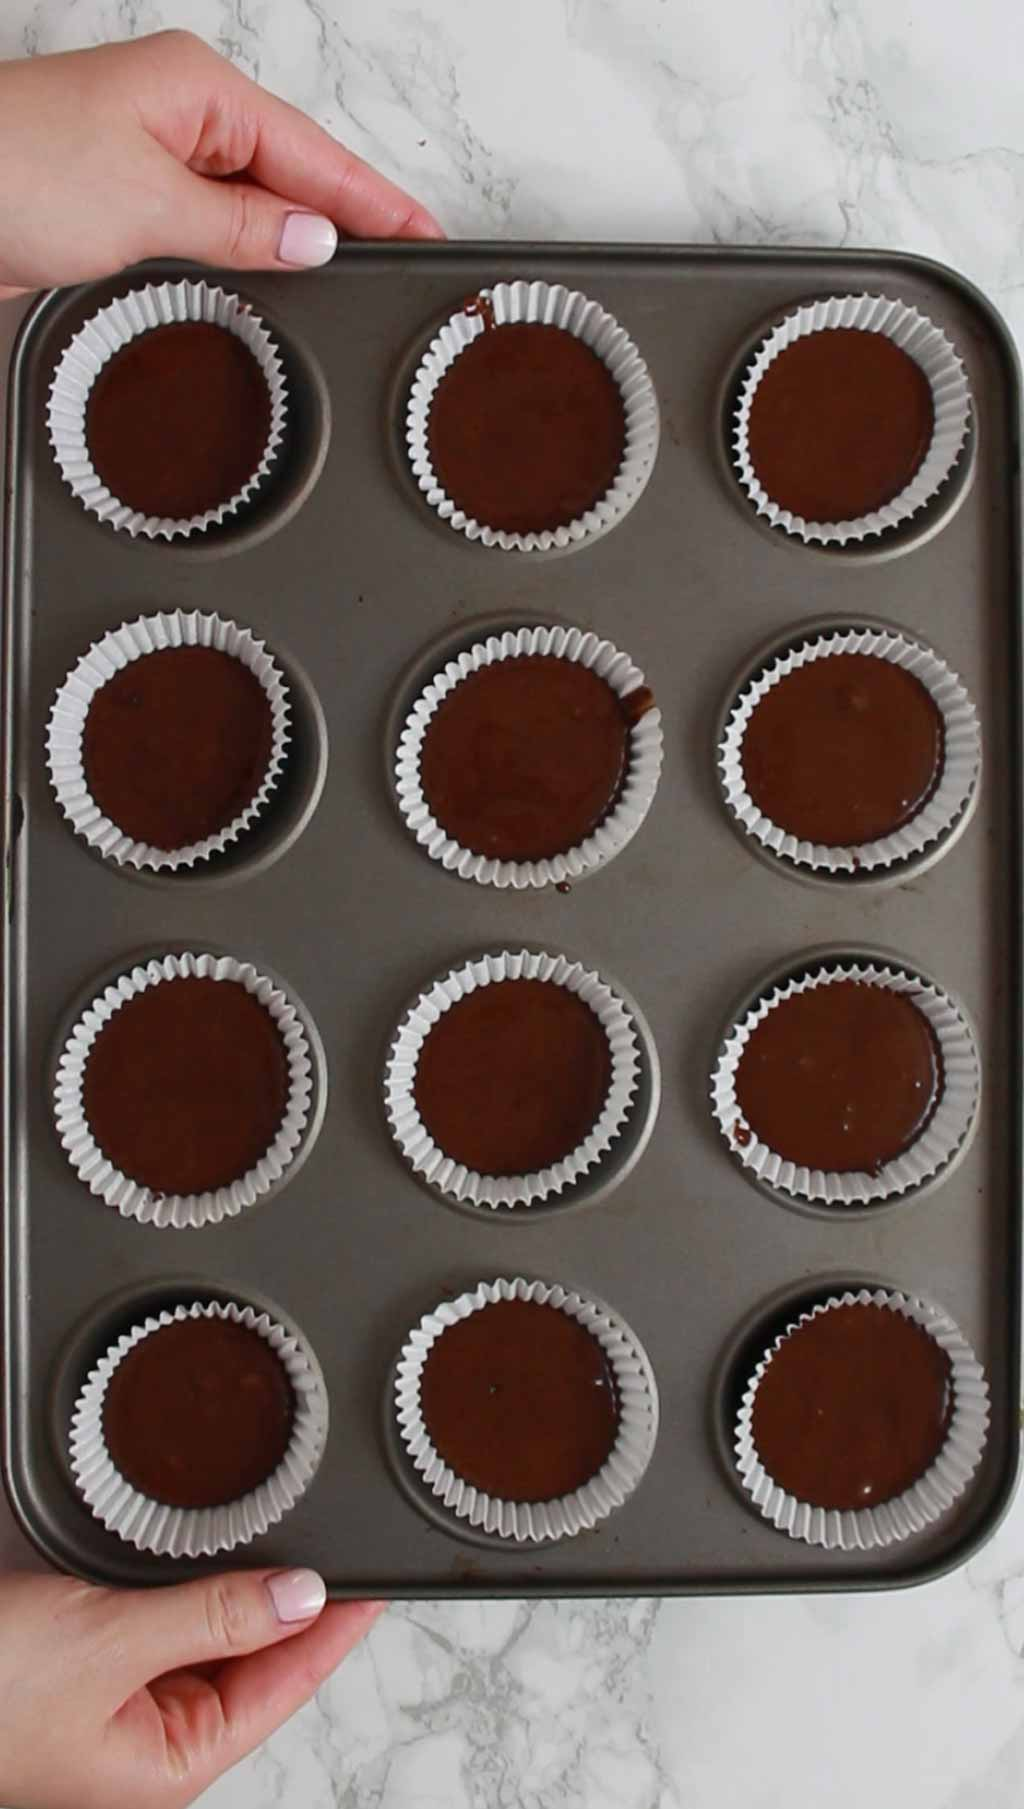 Cake Mix In Tin Before Baking